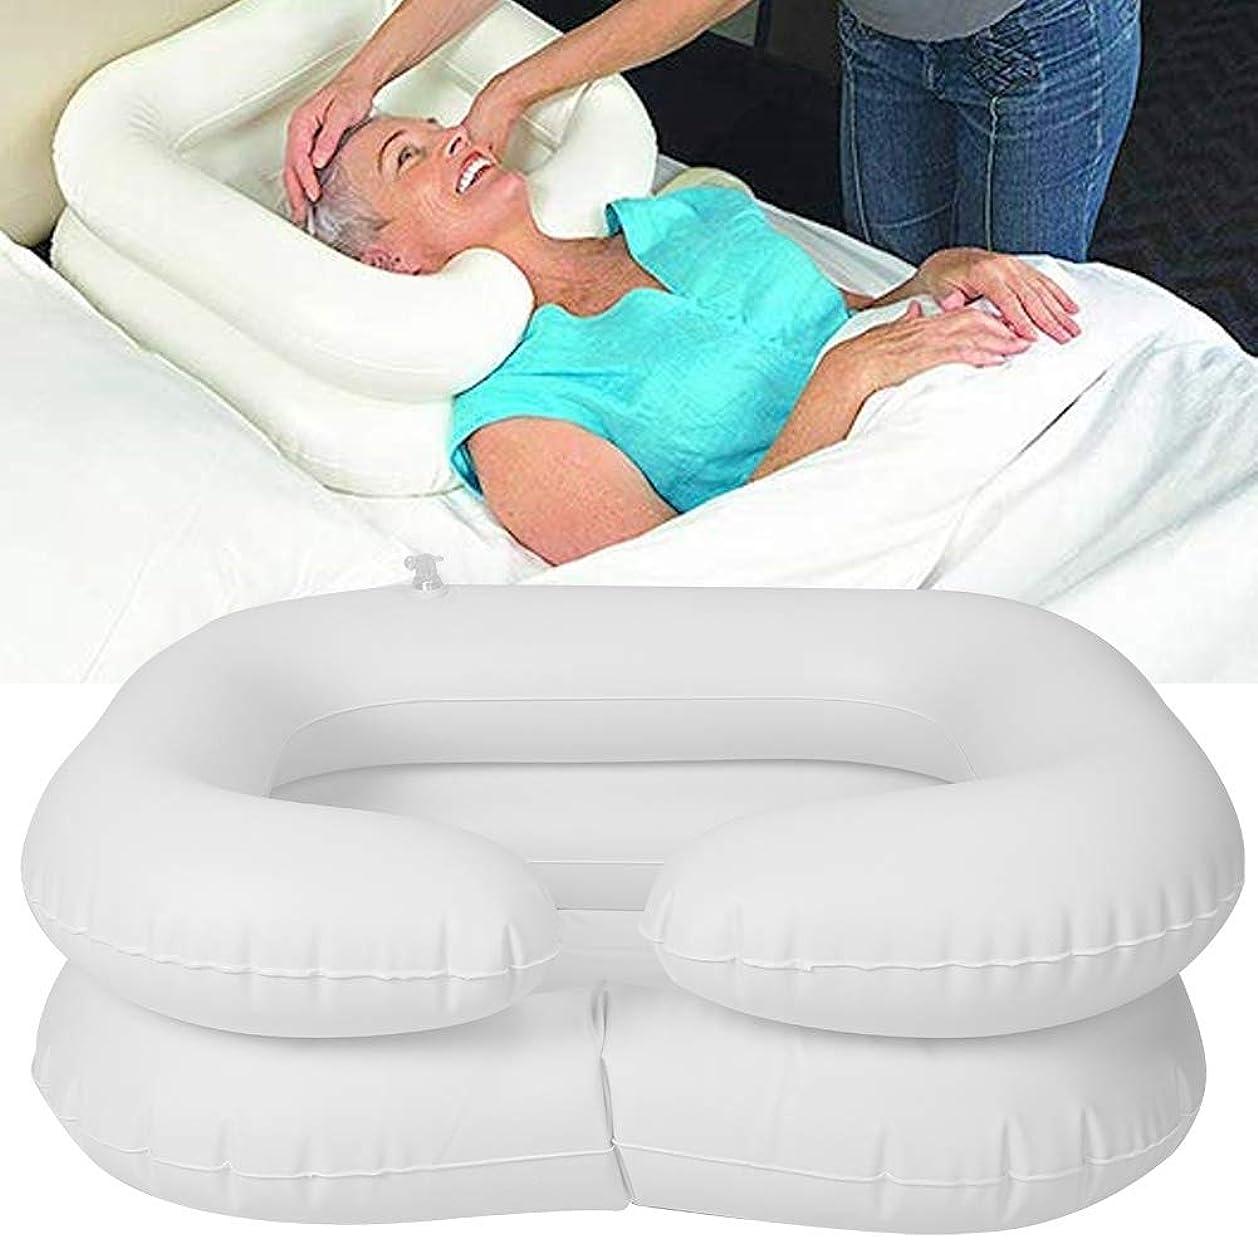 年齢原始的な有名シャンプー洗面器、身体障害者用ベッドサイドシャワーシステム、高齢者寝たきり、ベッドに閉じ込められた人々のためのオーバーヘッドシャワー、ウォーターバッグ